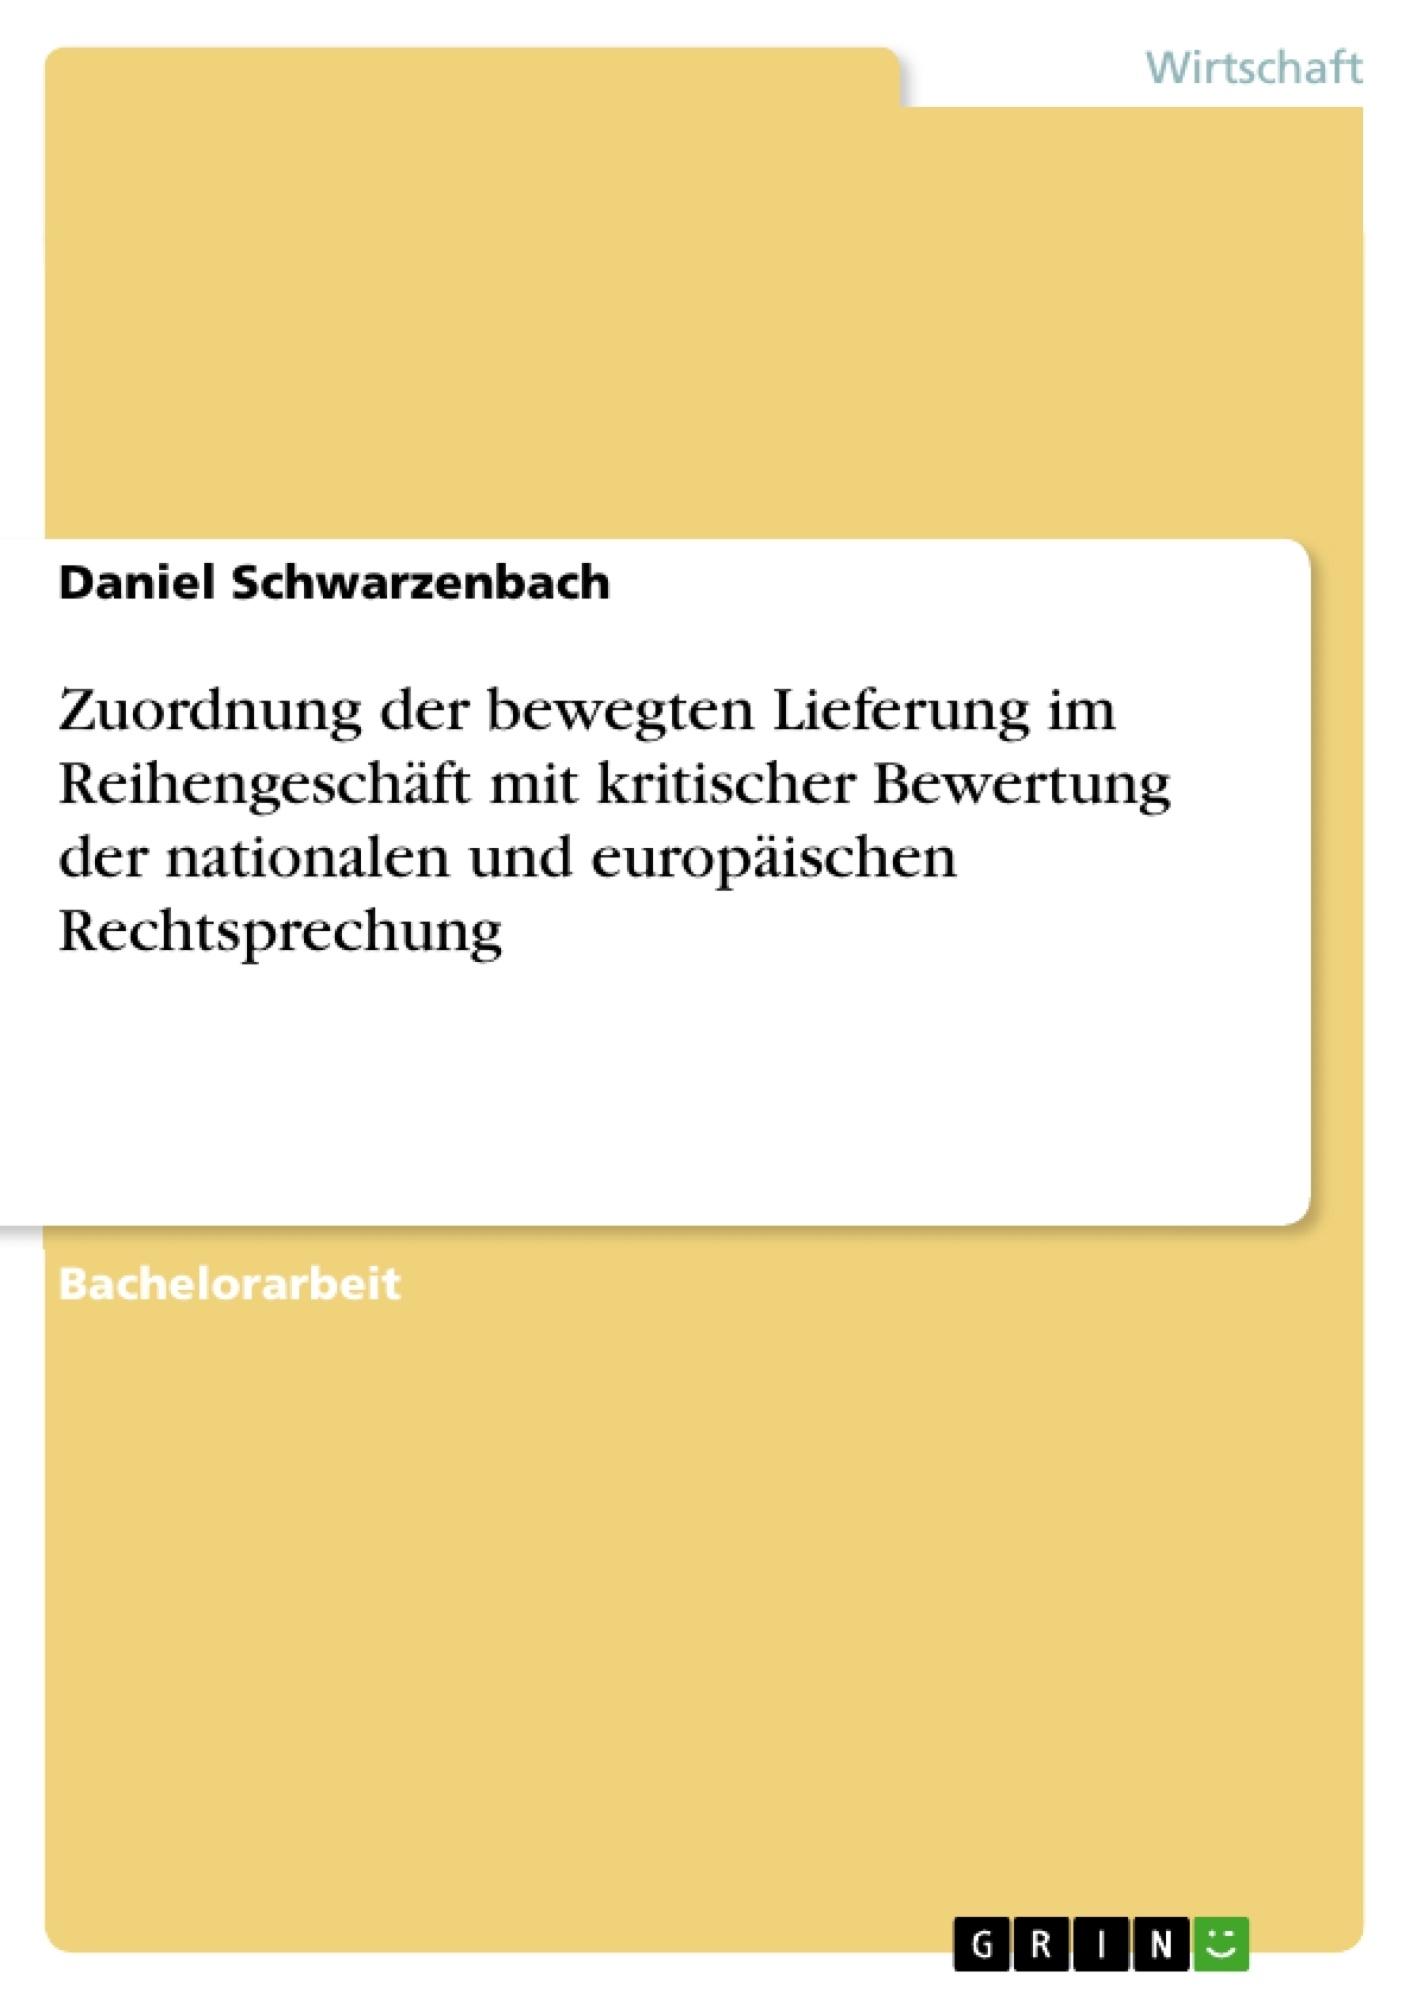 Titel: Zuordnung der bewegten  Lieferung im Reihengeschäft mit kritischer Bewertung der nationalen und europäischen Rechtsprechung